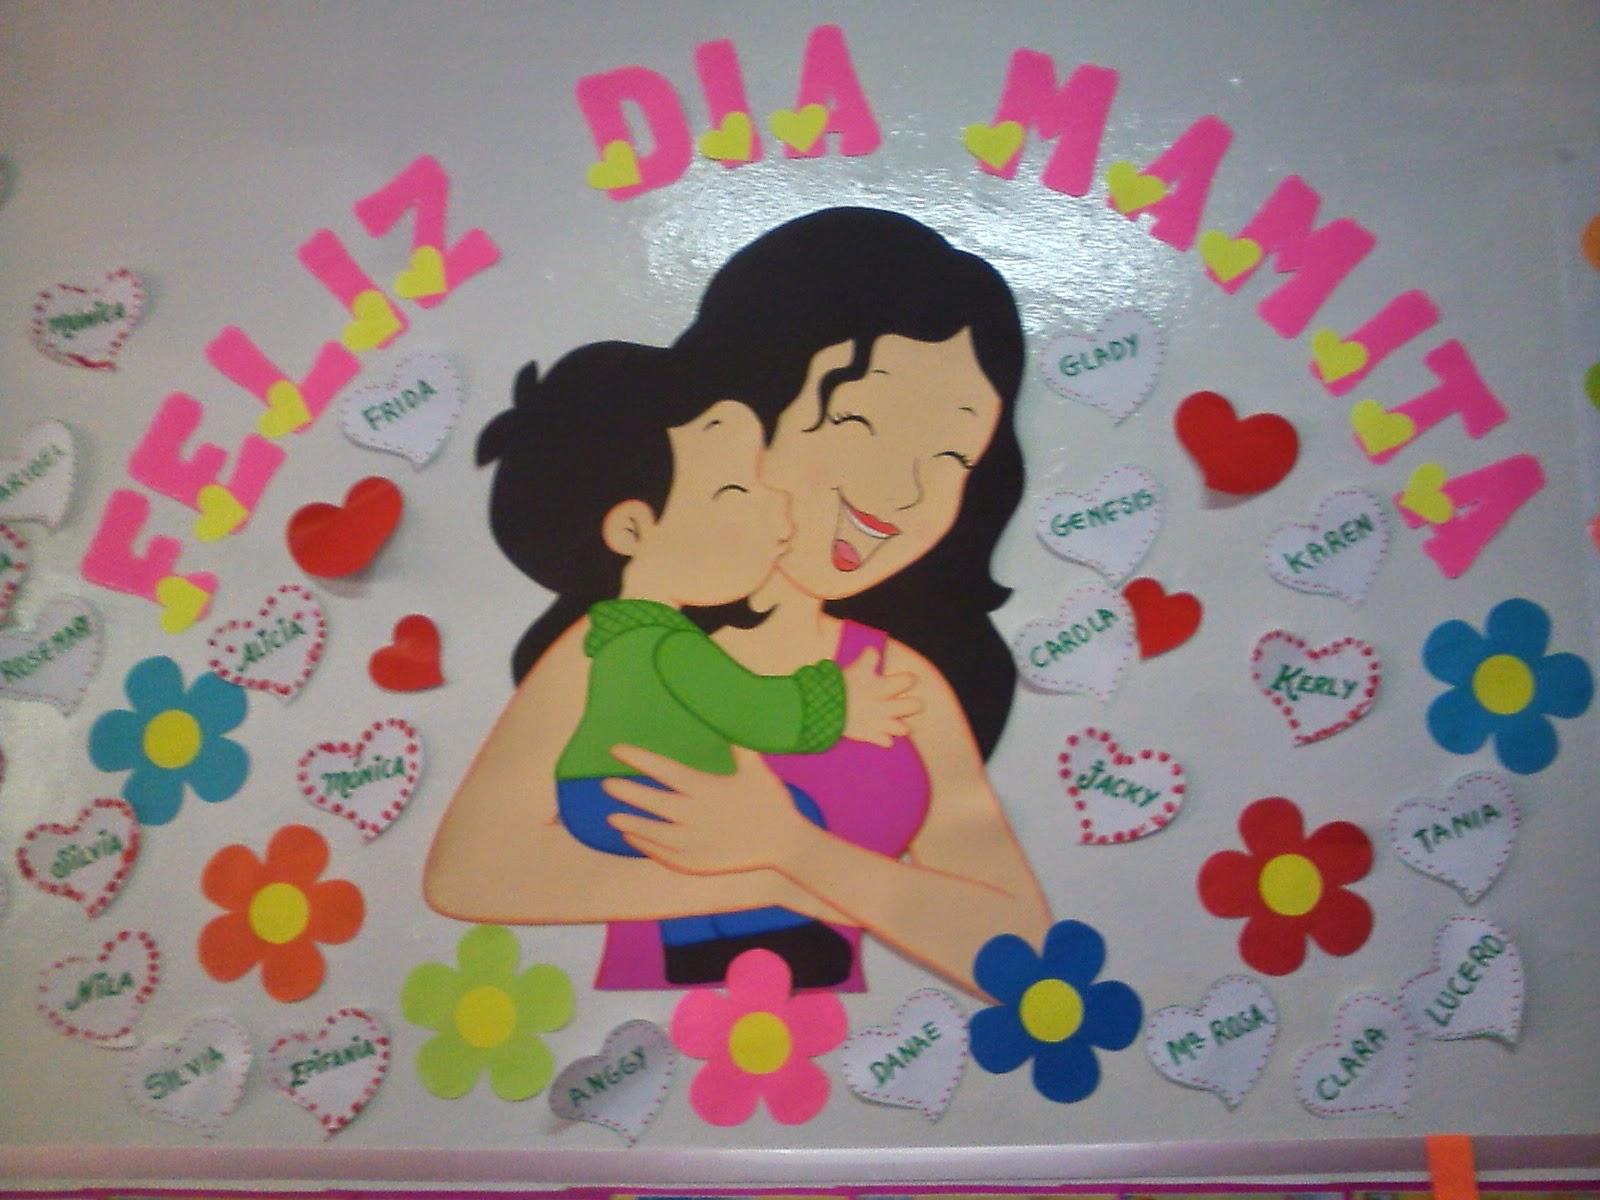 Linda ambientaci n para el aula en el d a de la madre for Decoracion 10 de mayo